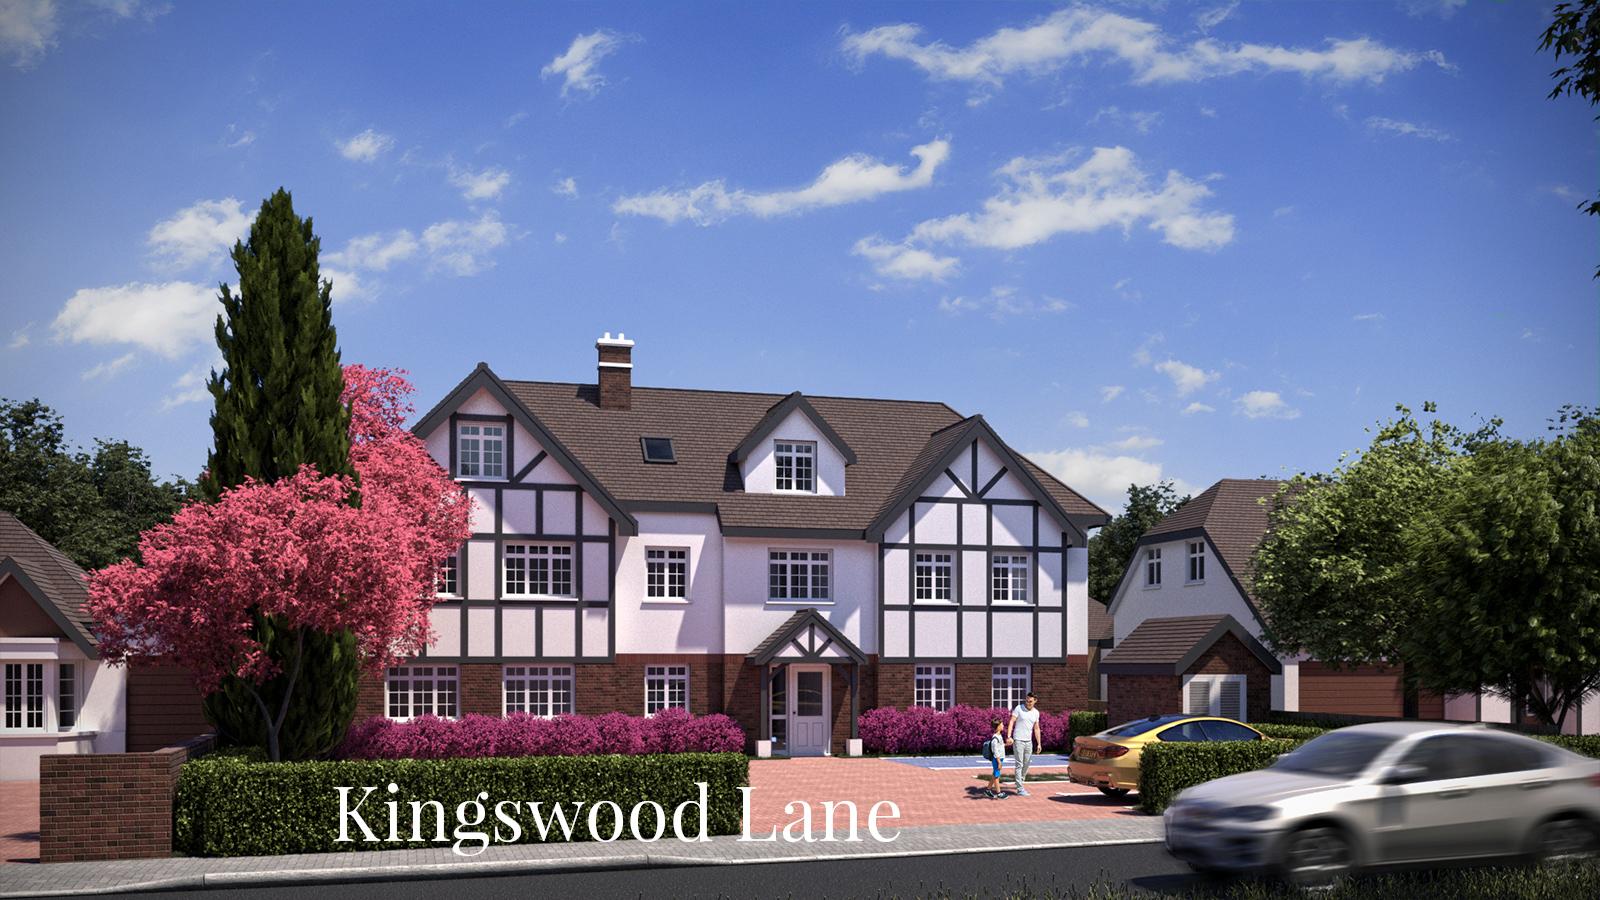 kingswood-lane